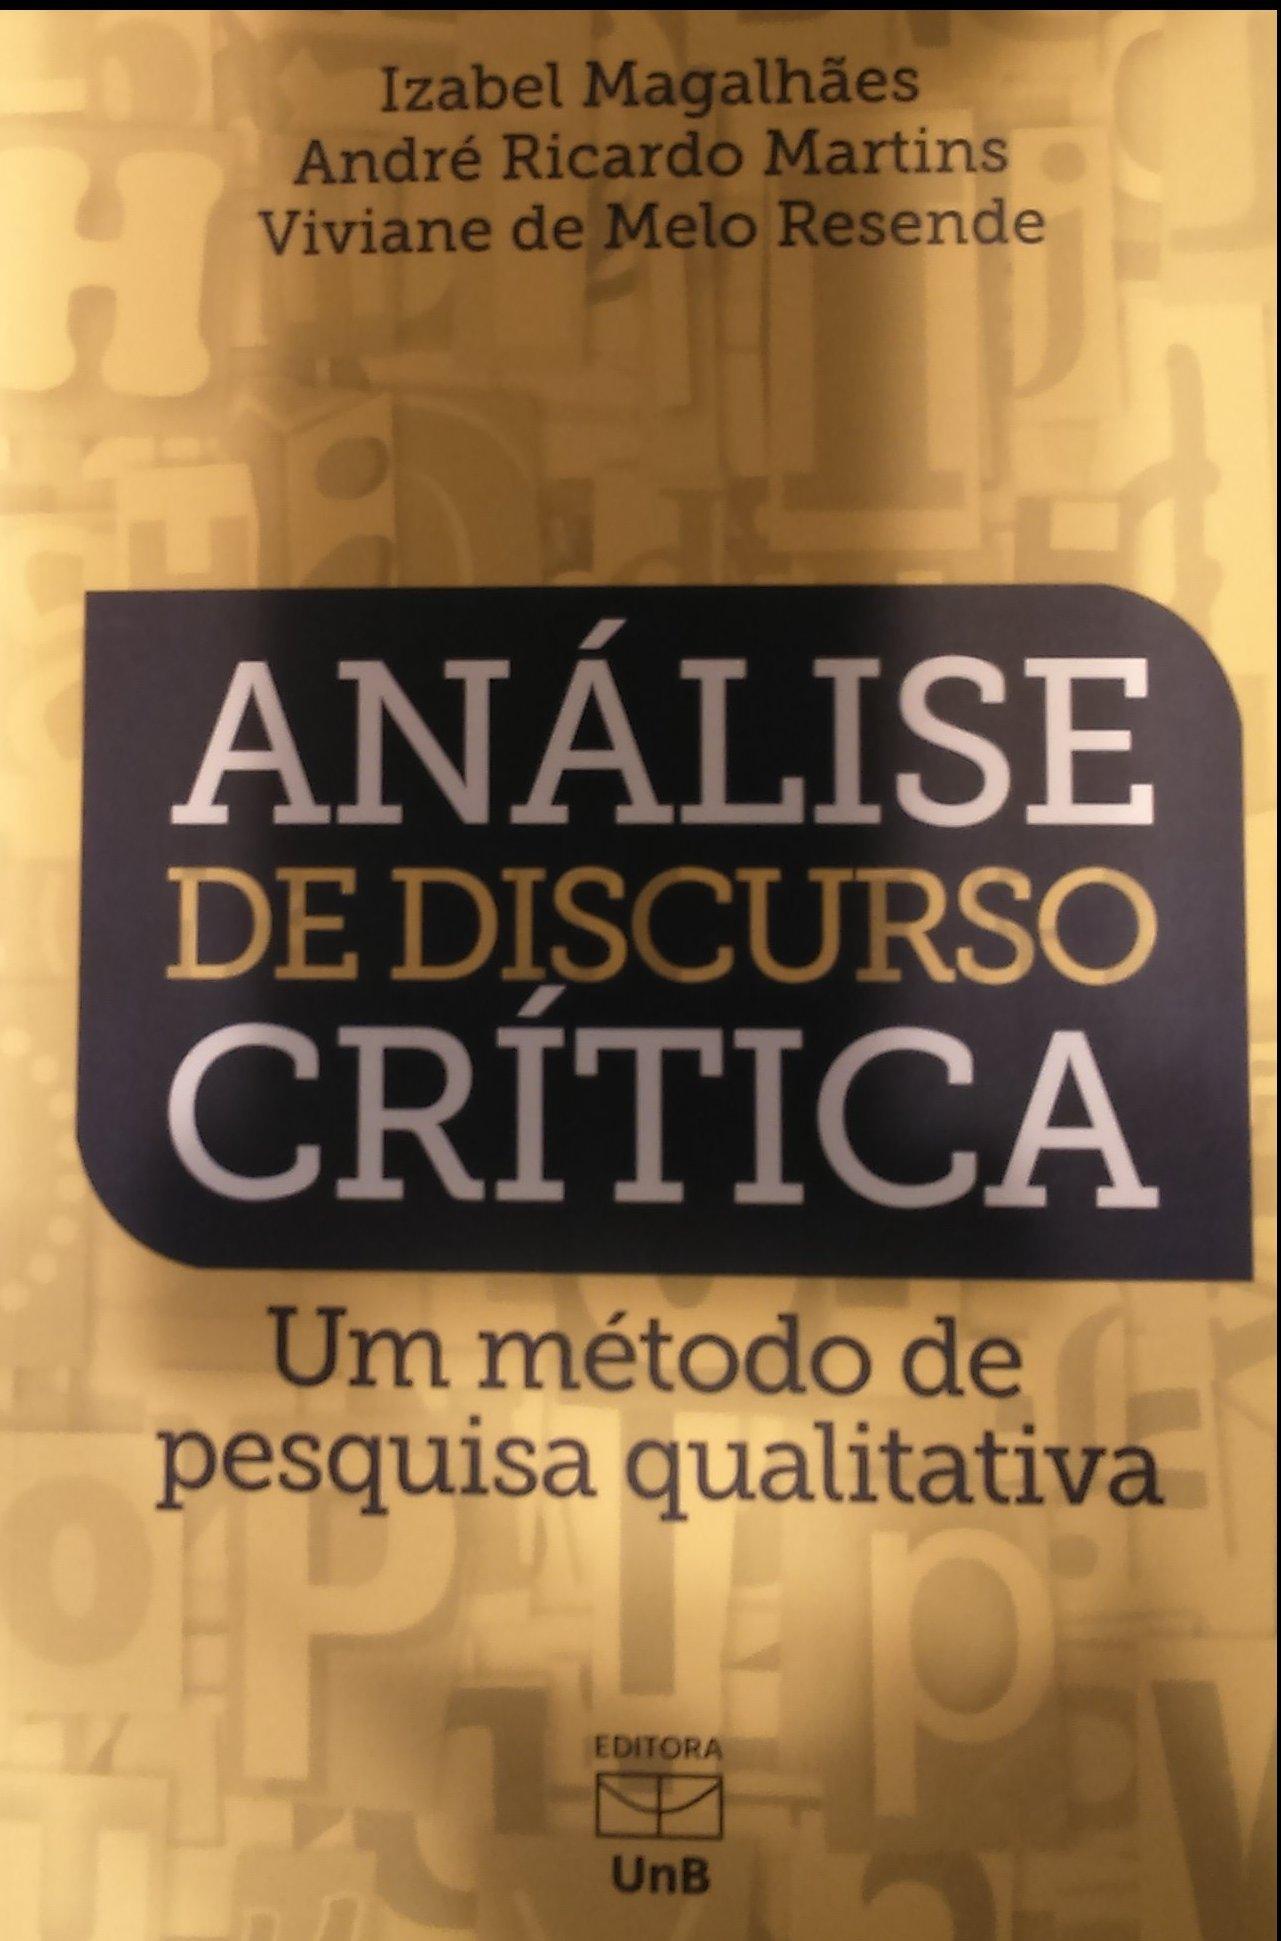 """Lançamento do livro """"Análise de Discurso Crítica: Um método de pesquisa qualitativa"""" – Editora UnB"""